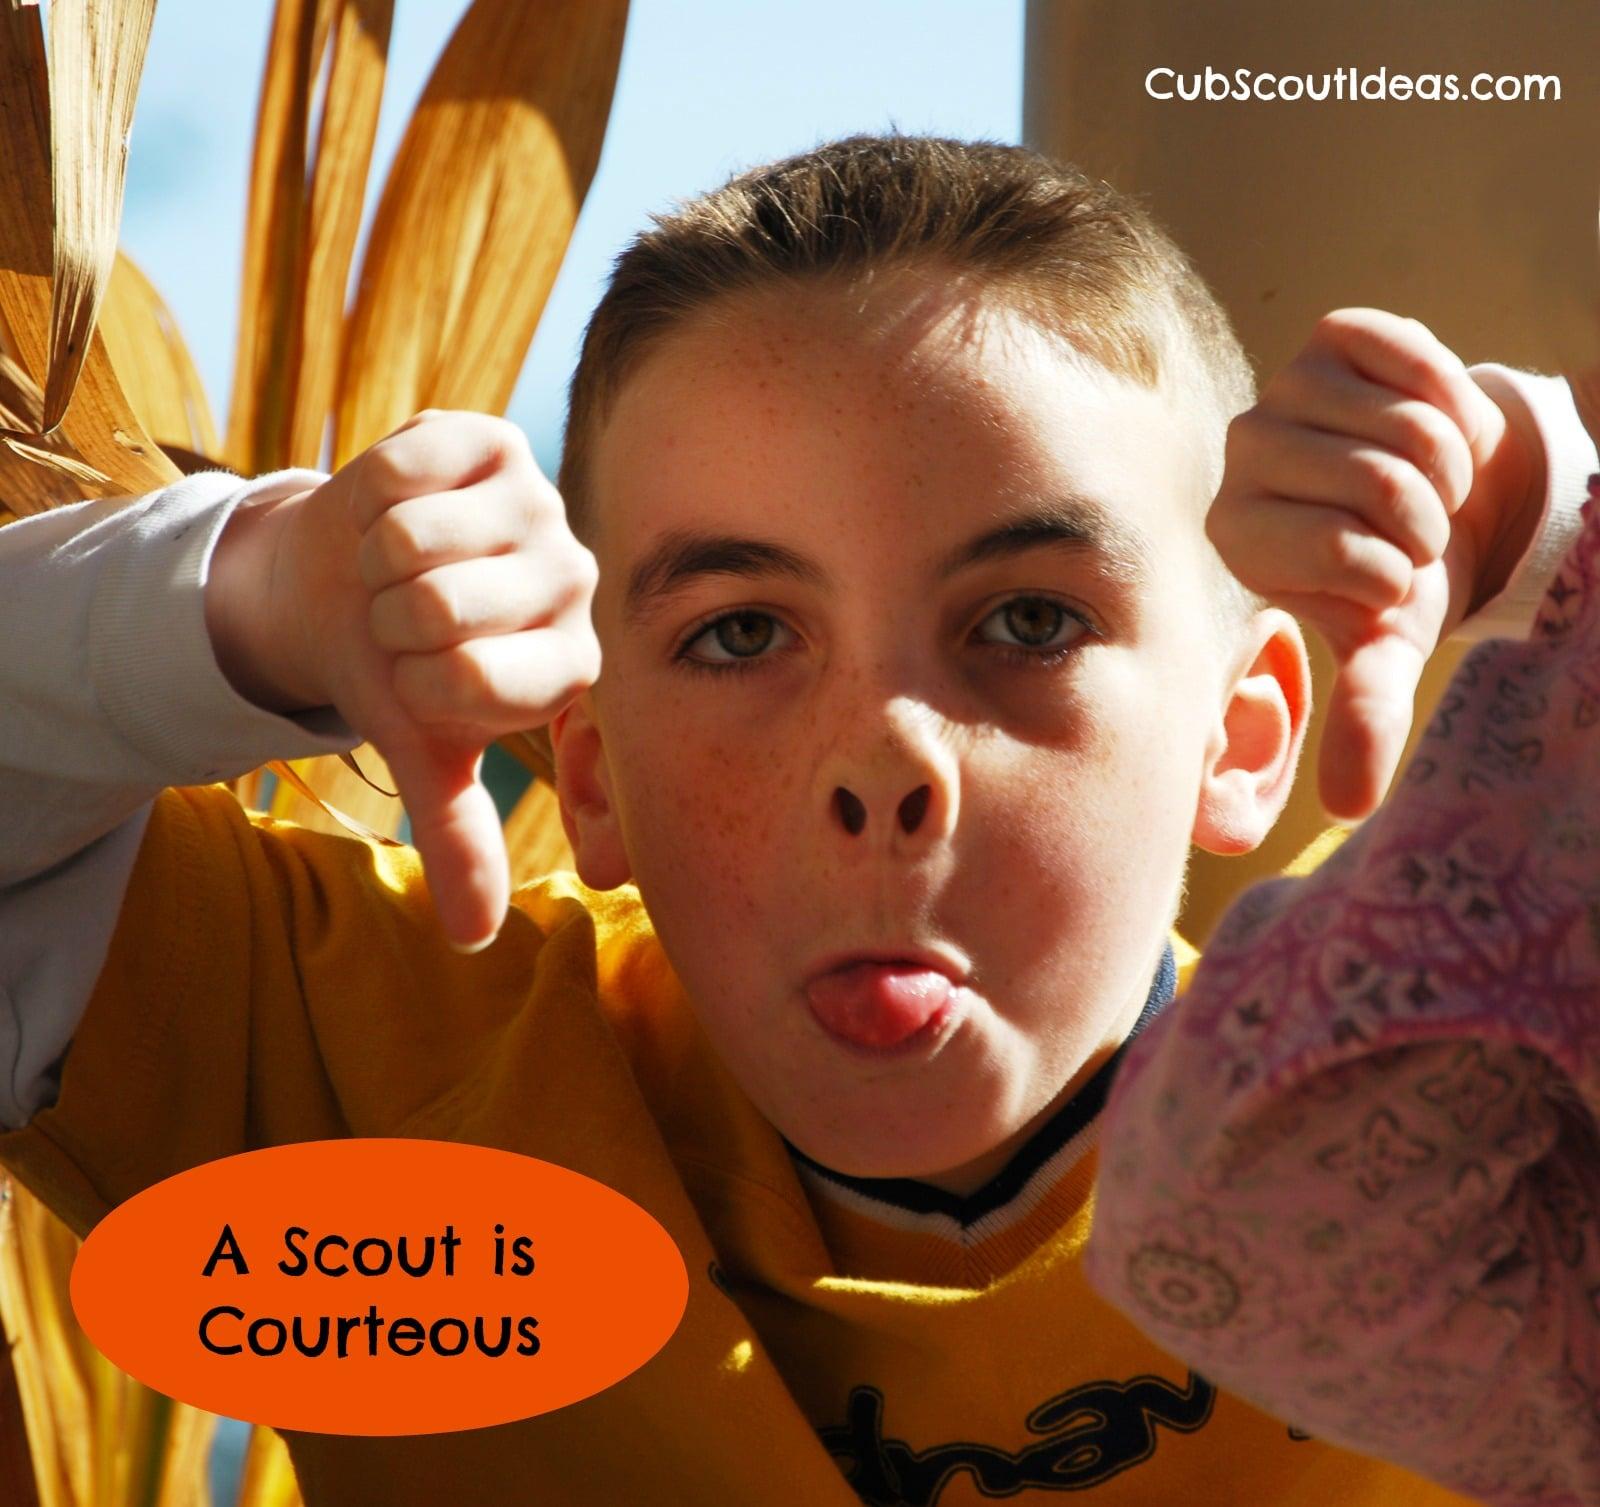 Cub Scouts Are Courteous